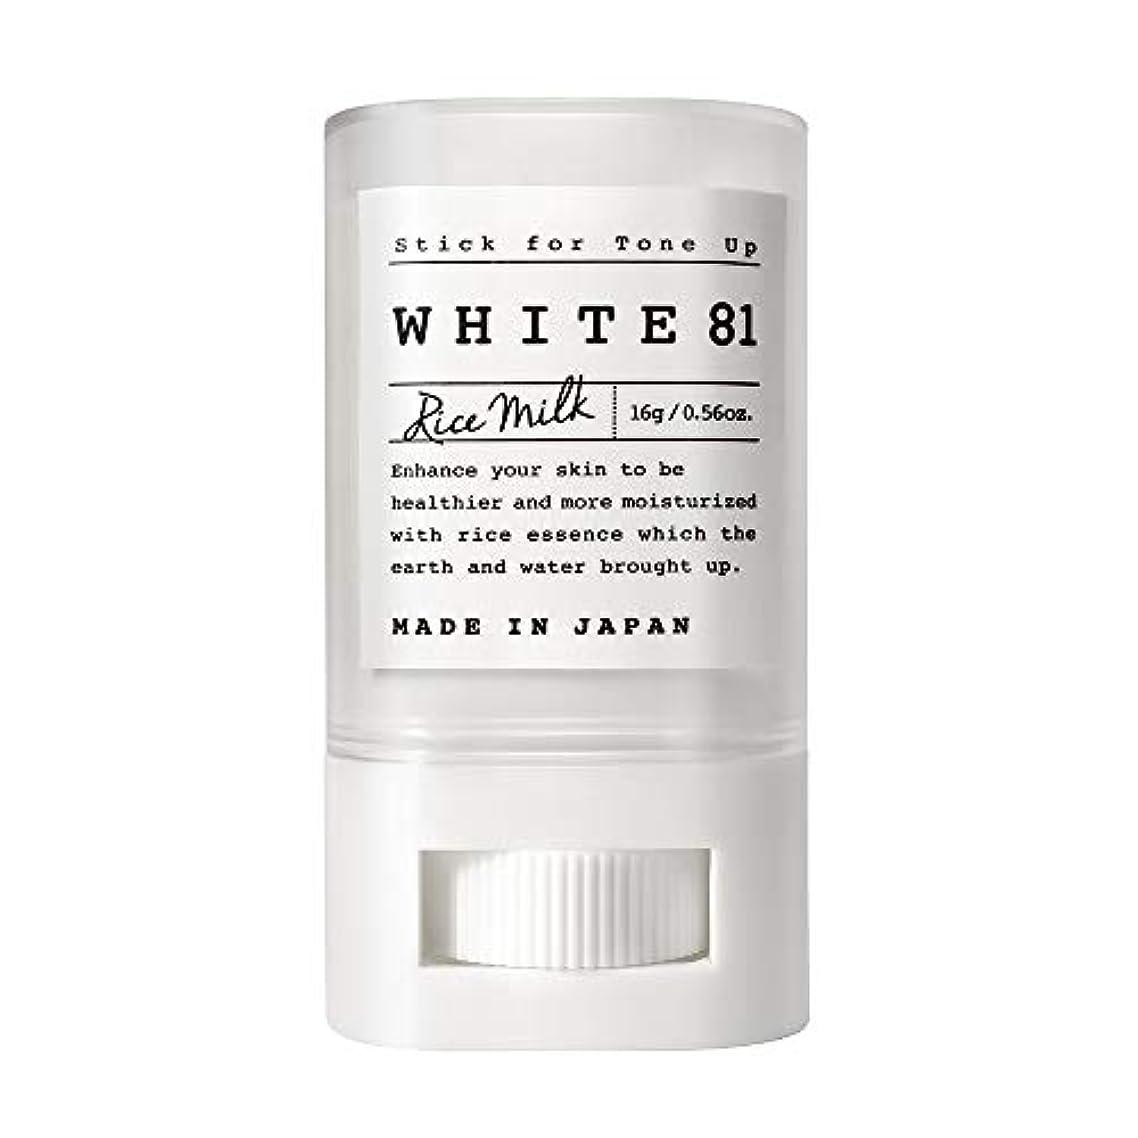 ブランド名節約するフィッティングWHITE81 ホワイト81 トーンアップスティック(化粧下地?日焼け止め / SPF35?PA+++?ウォータープルーフ?複合保湿成分配合?肌に優しい6種のフリー / 日本製)